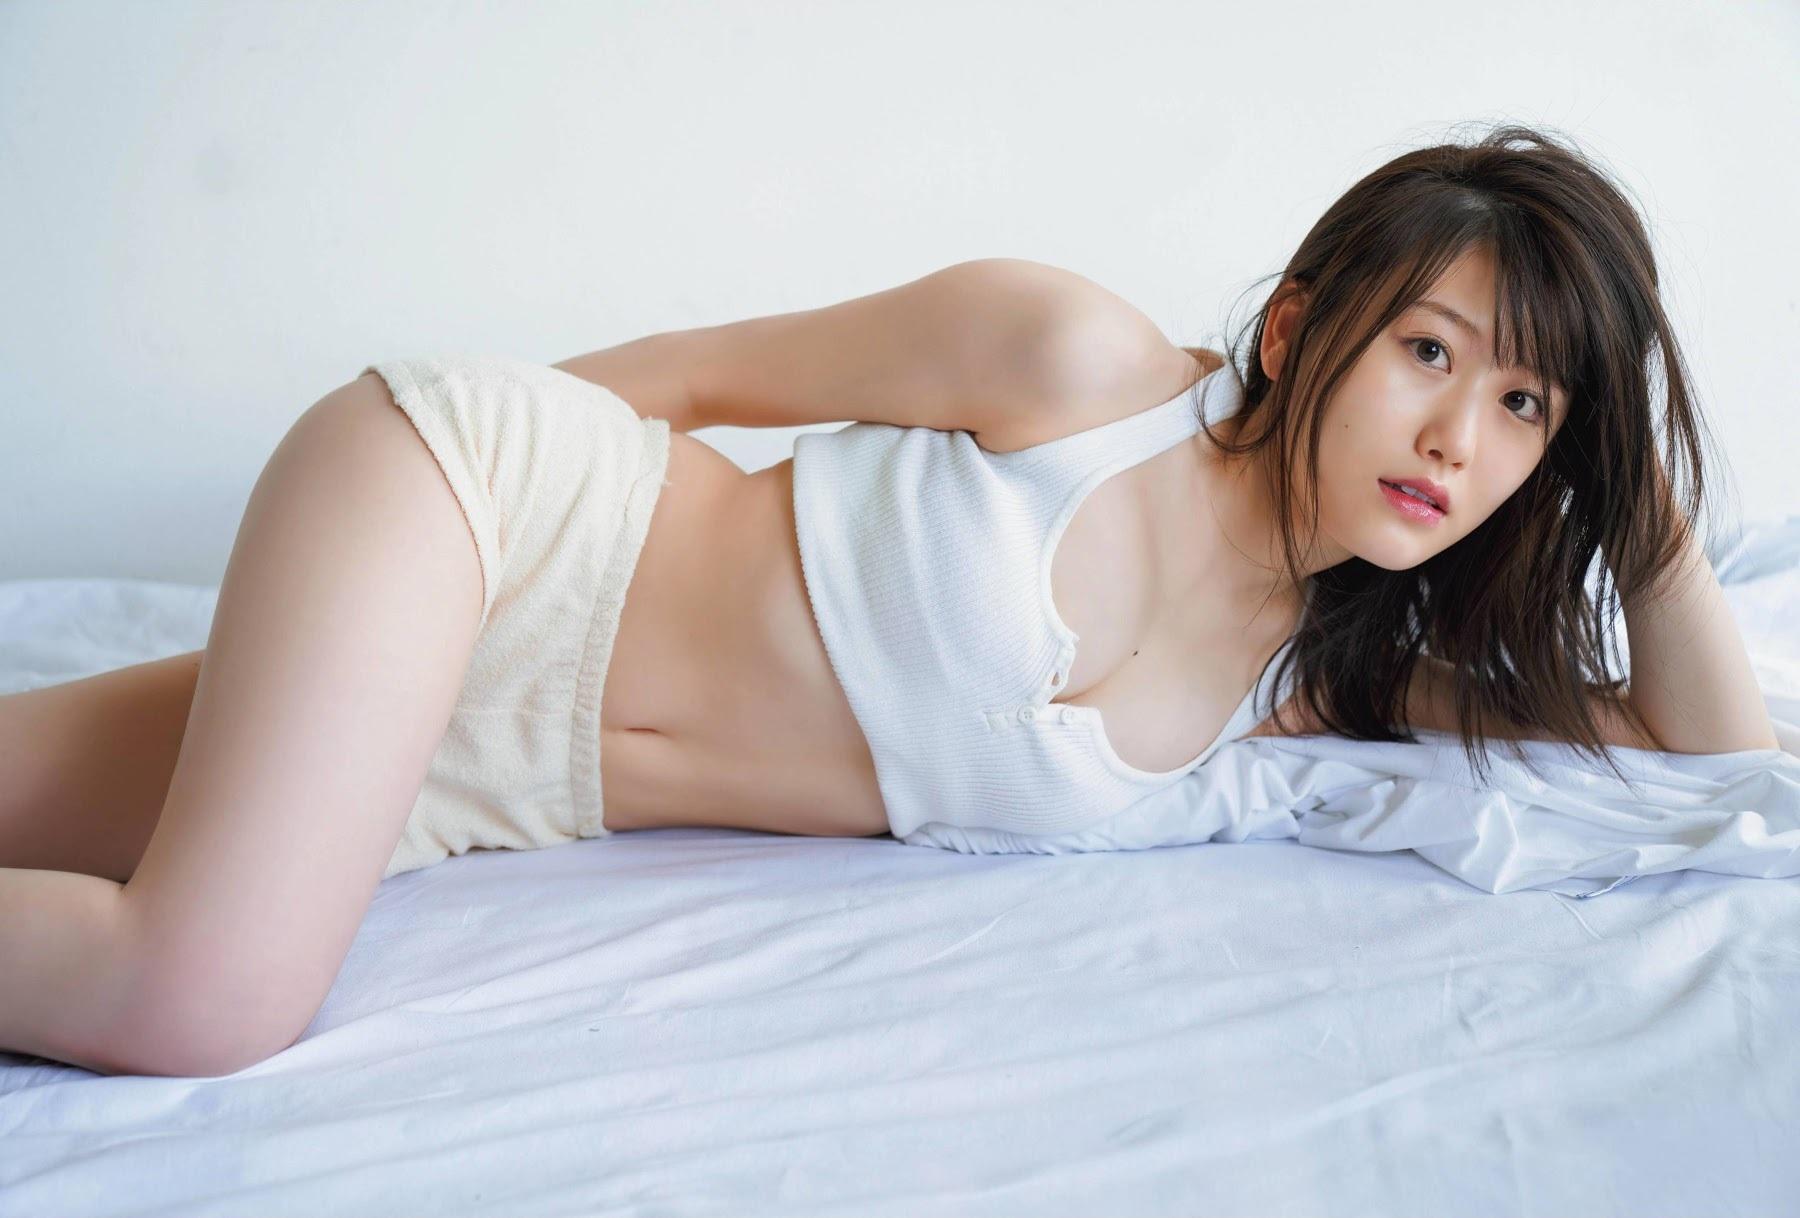 小田彩加4